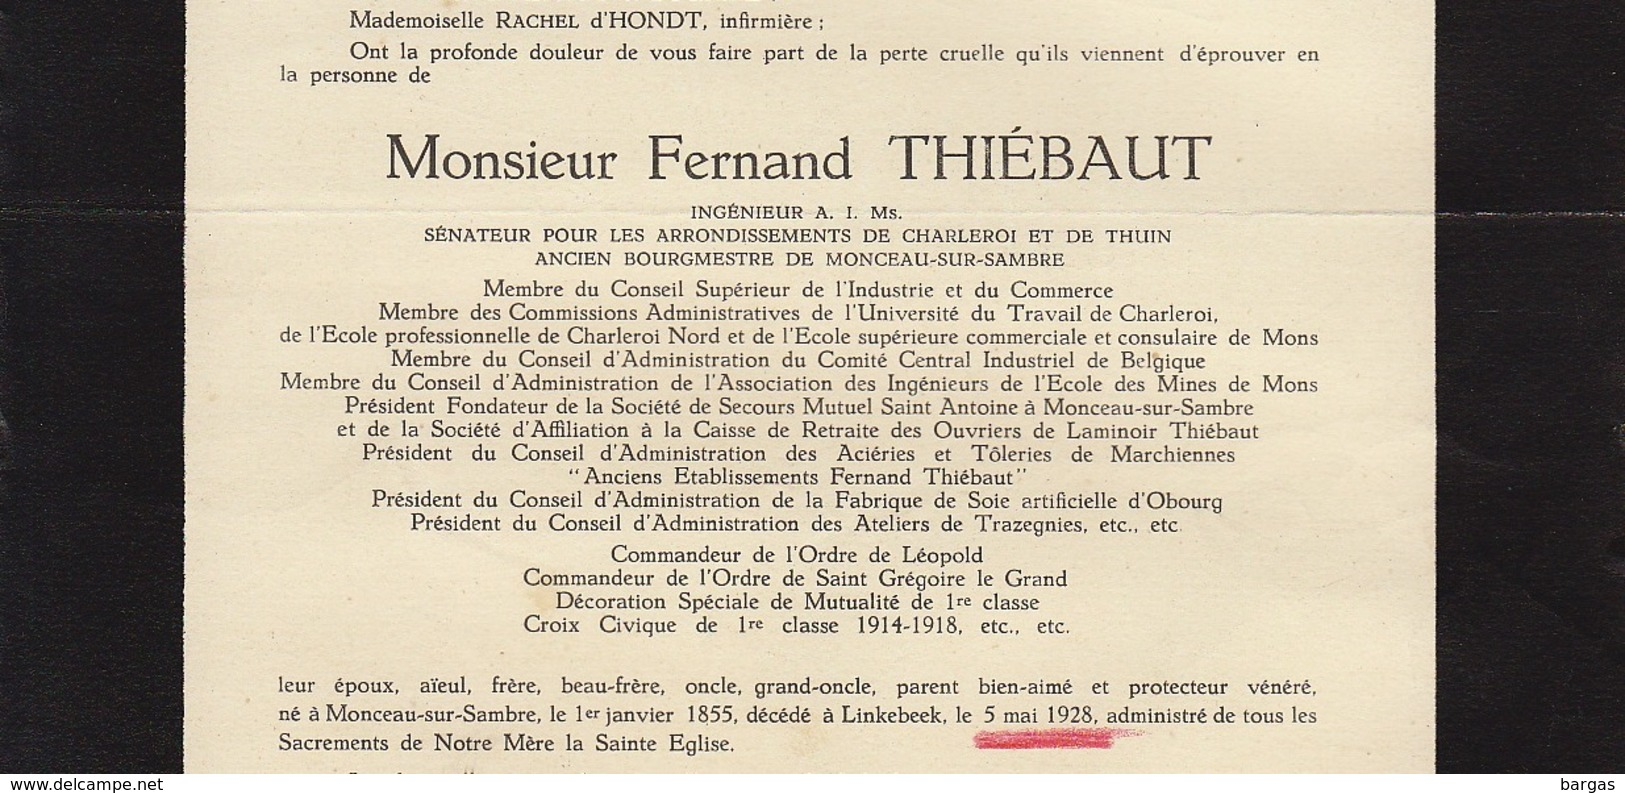 Faire Part De Décès Fernand Thiébaut Sénateur Monceau Sur Sambre - Overlijden